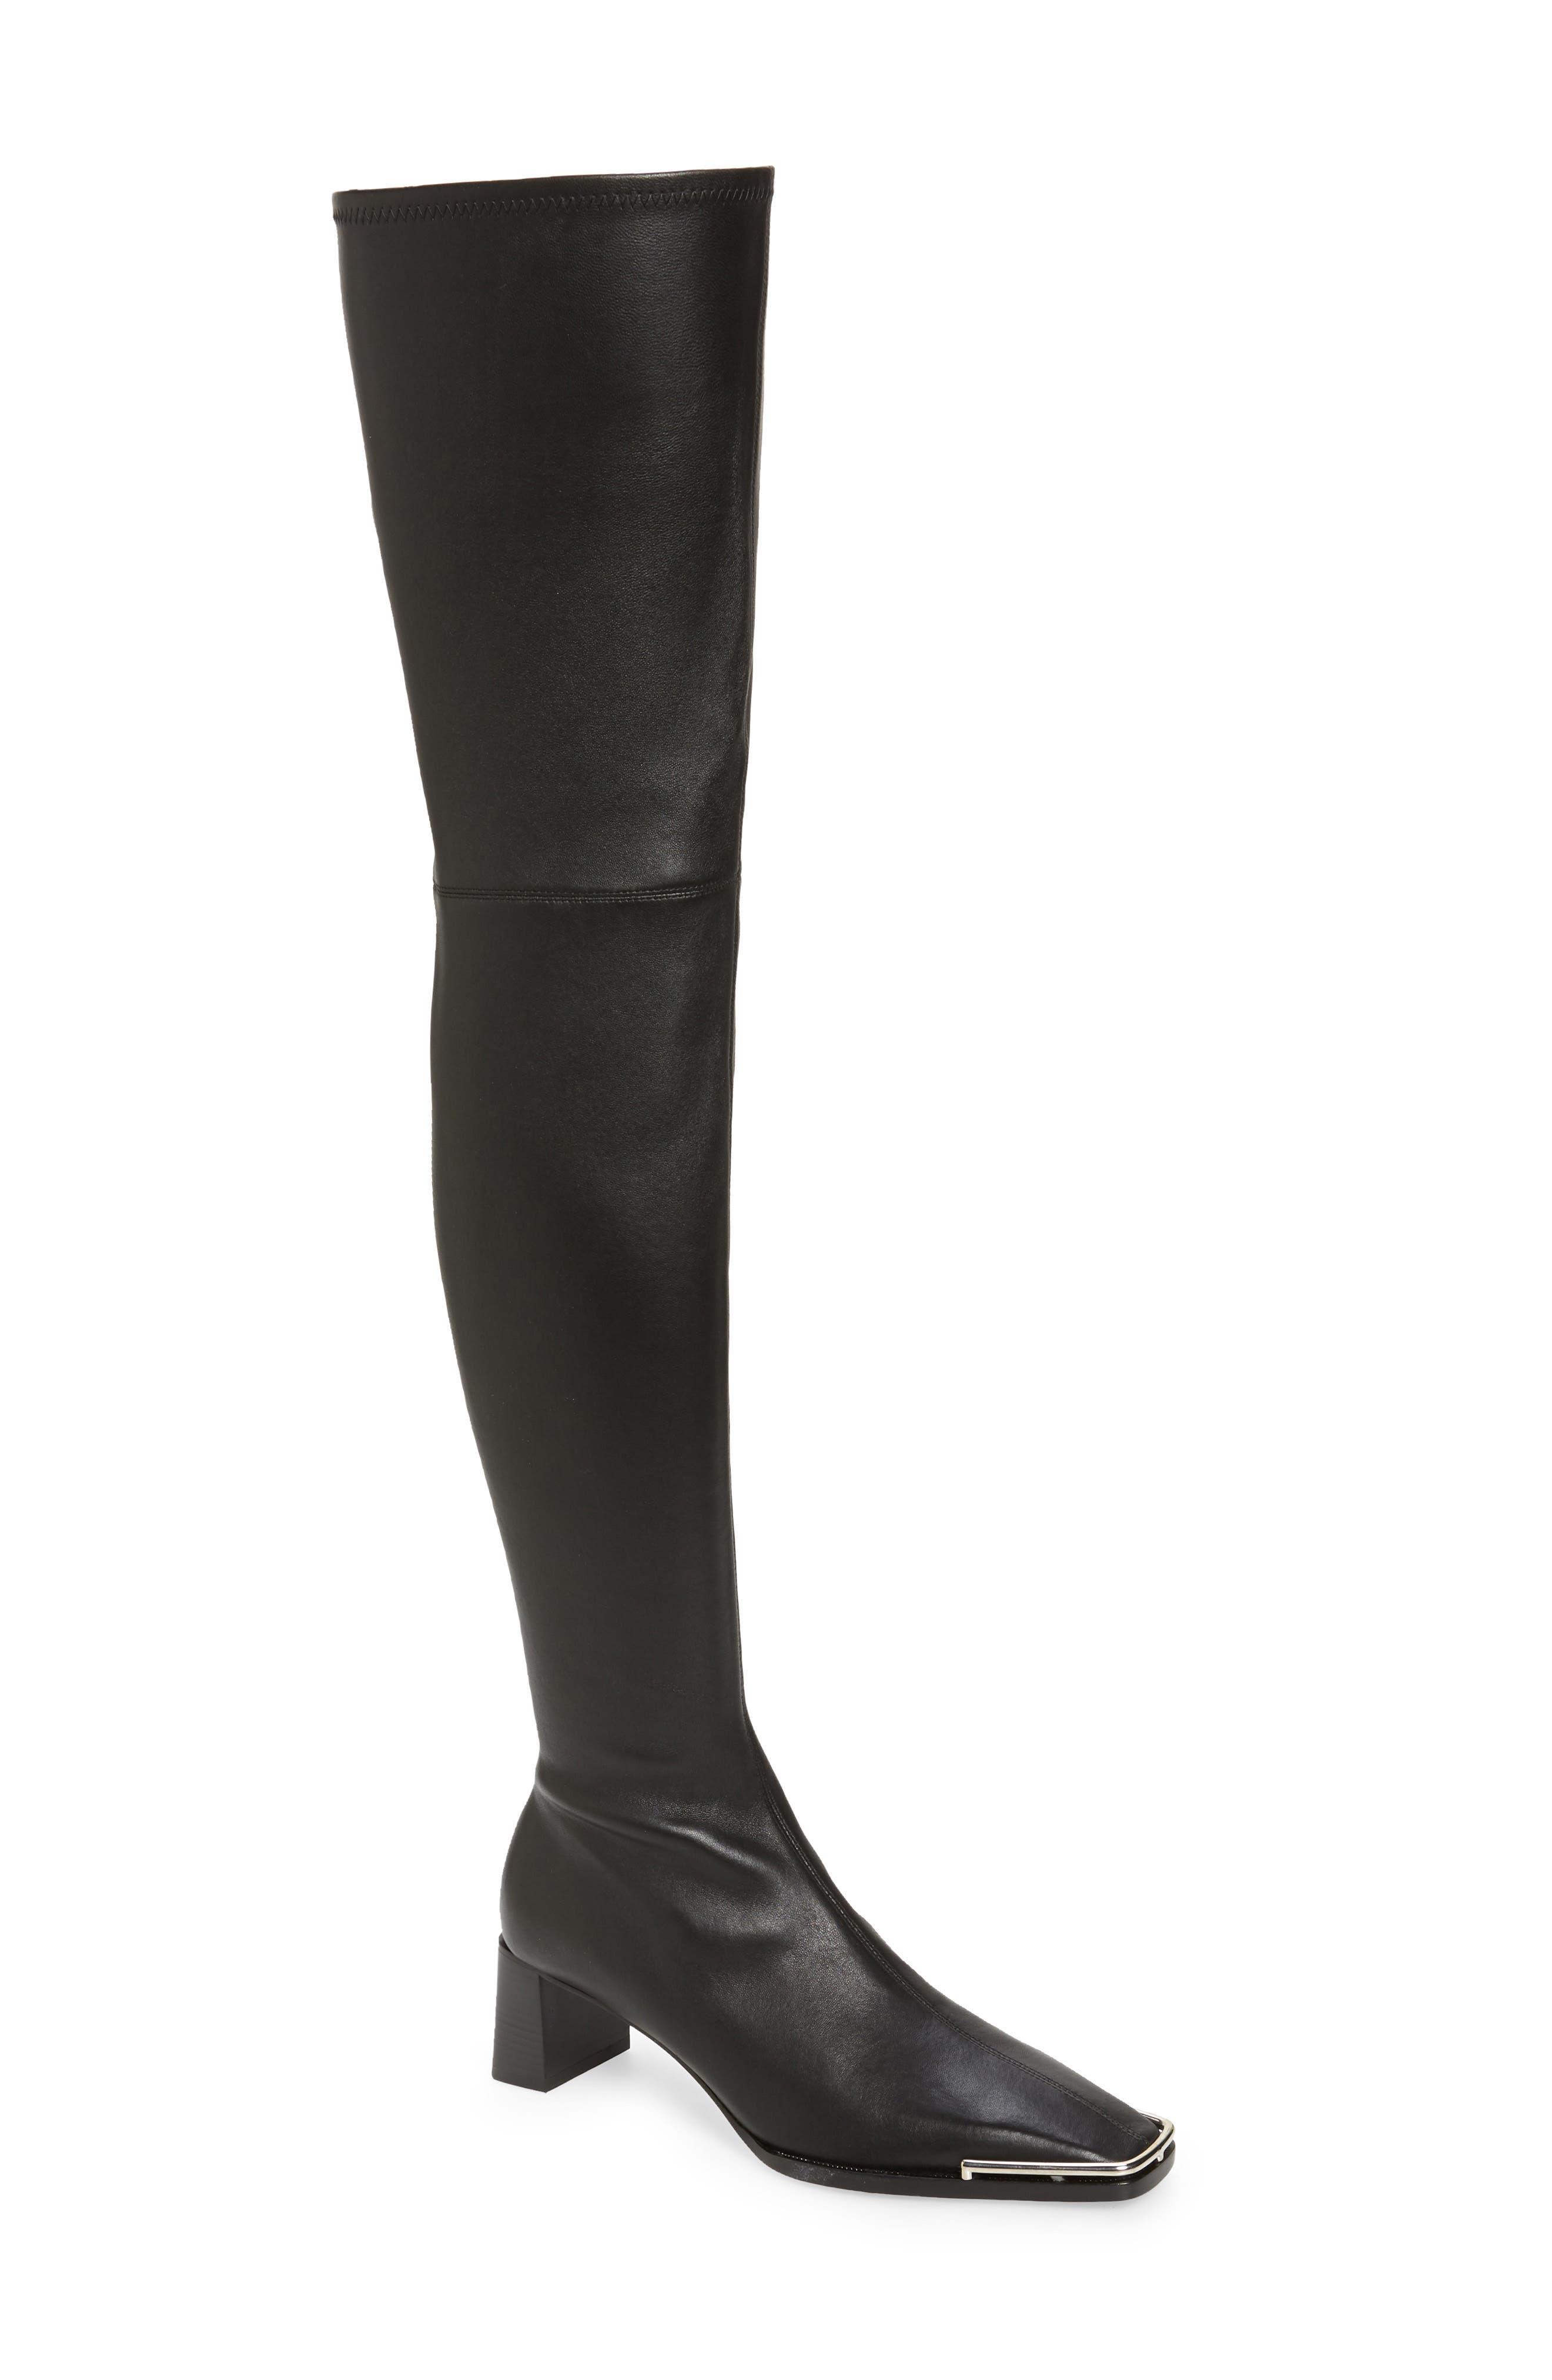 Designer Boots for Women | Nordstrom